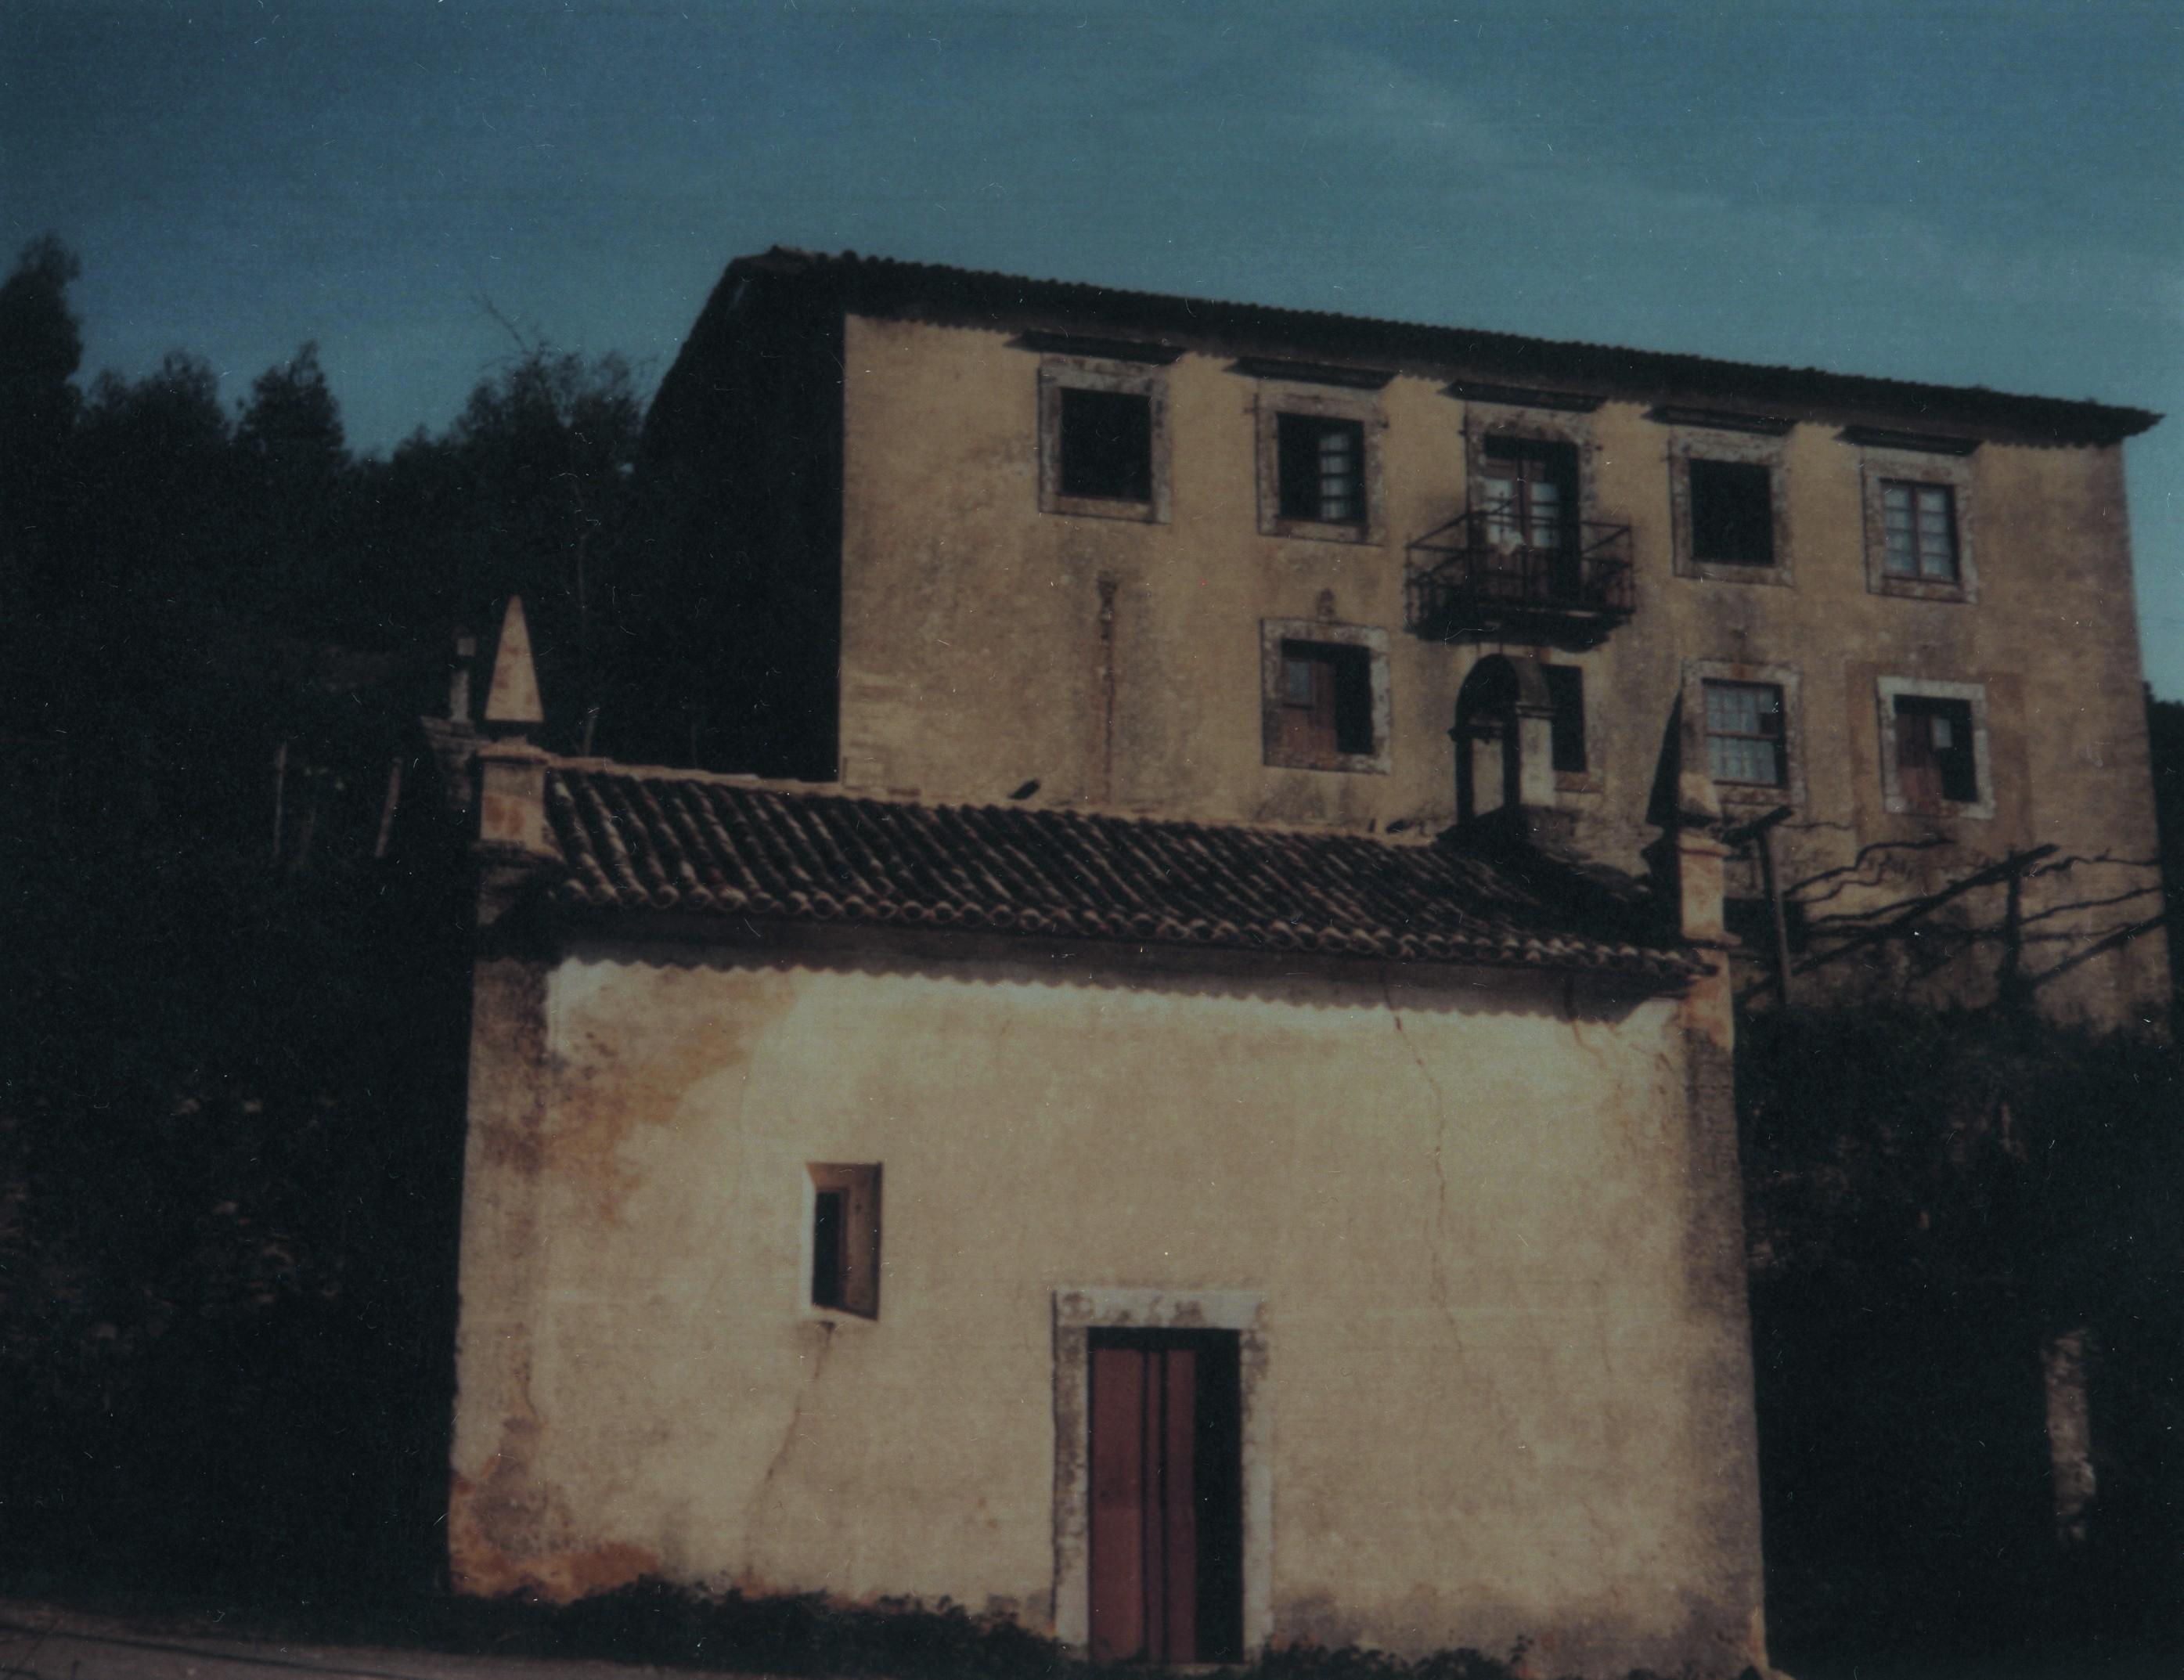 Capela e solar da fonte Chãs, Pinheiro da Bemposta (1998)